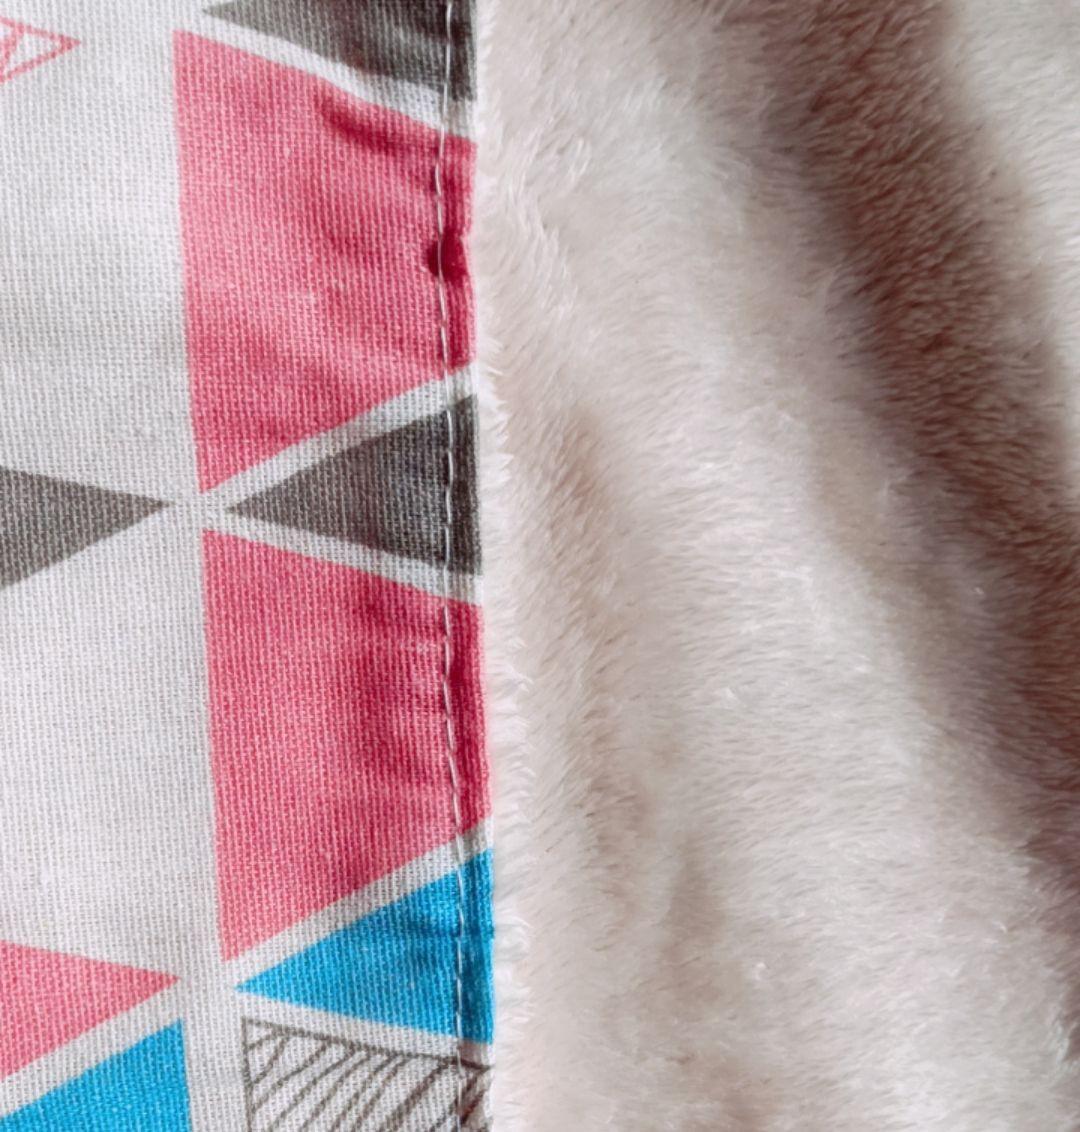 猫ハンモック ネコベッド キャットタワー 冬対策 猫用品 猫グッズ 小動物用 6 猫ハンモック クールマット 取り付け ペット用品